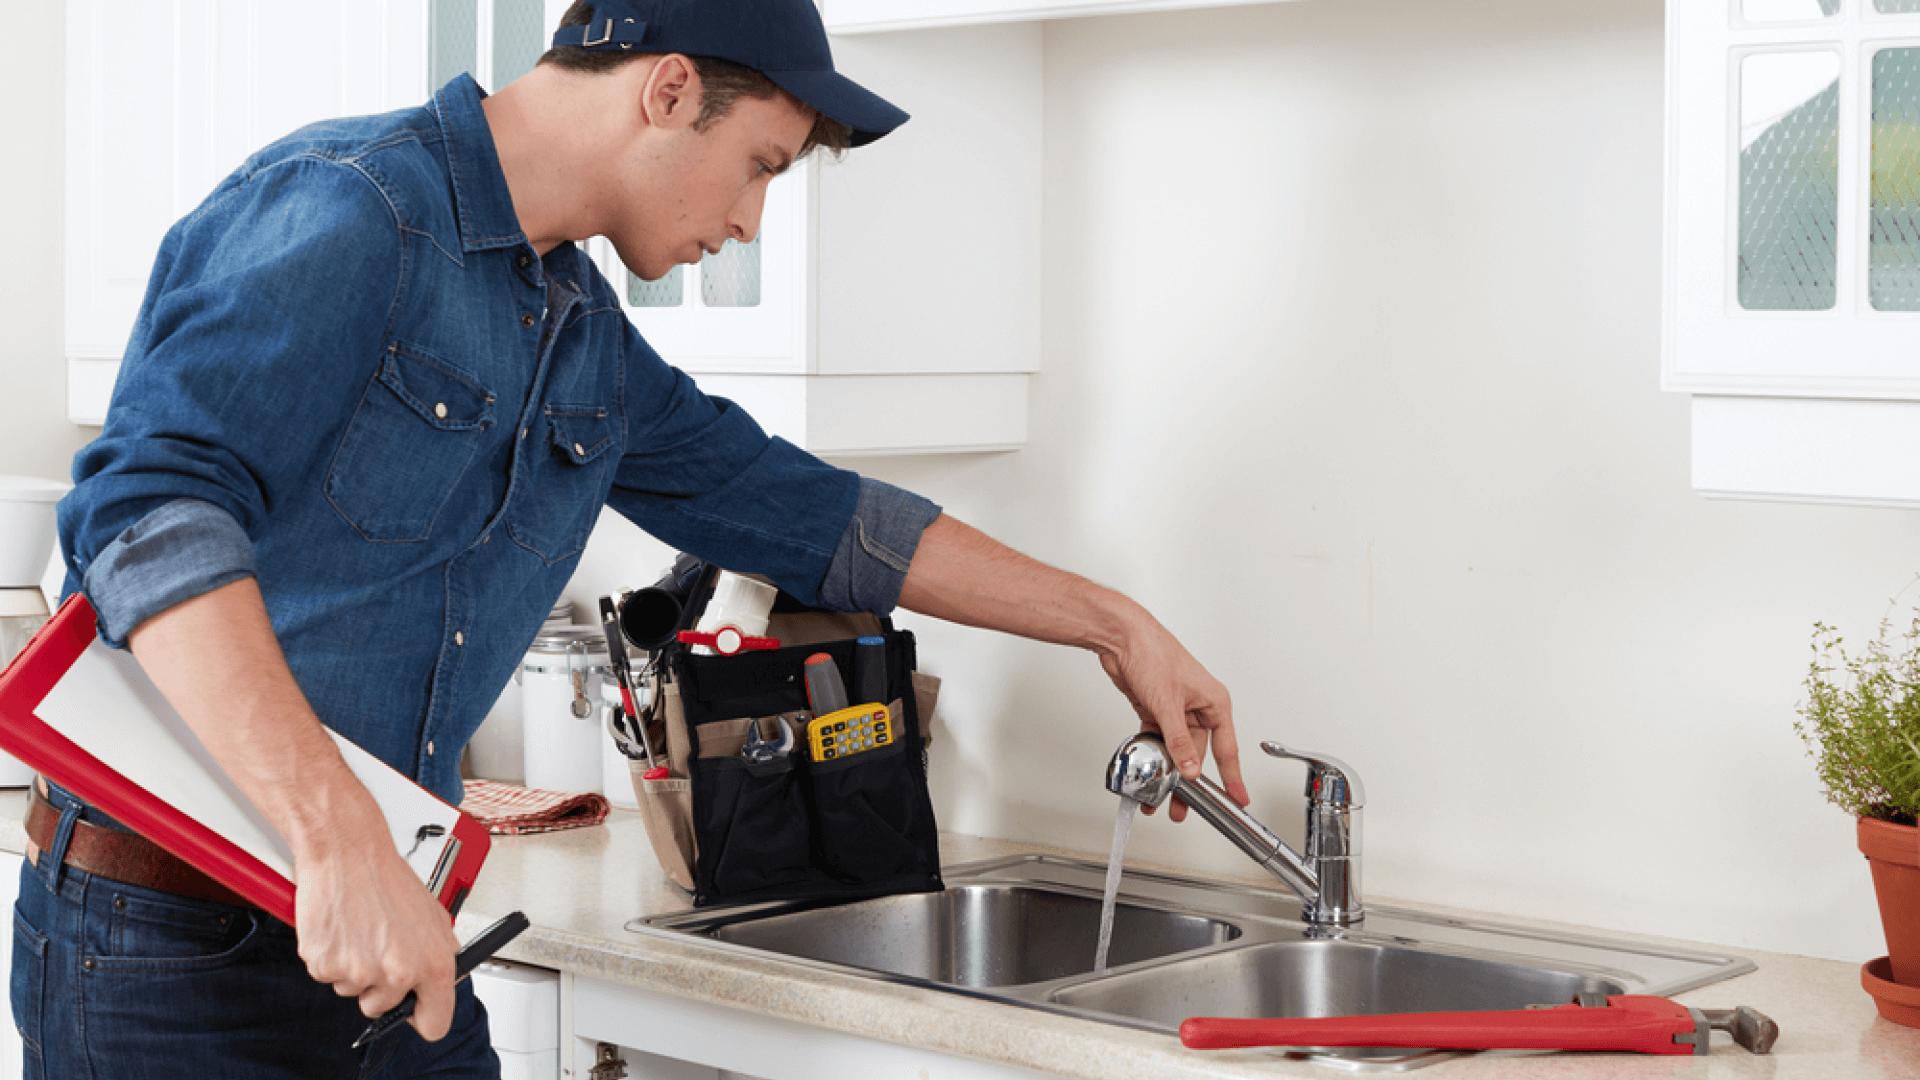 طرق نظافة المنازل من الحشرات0533114231 أرخص شركة نظافة عامة بالرياض